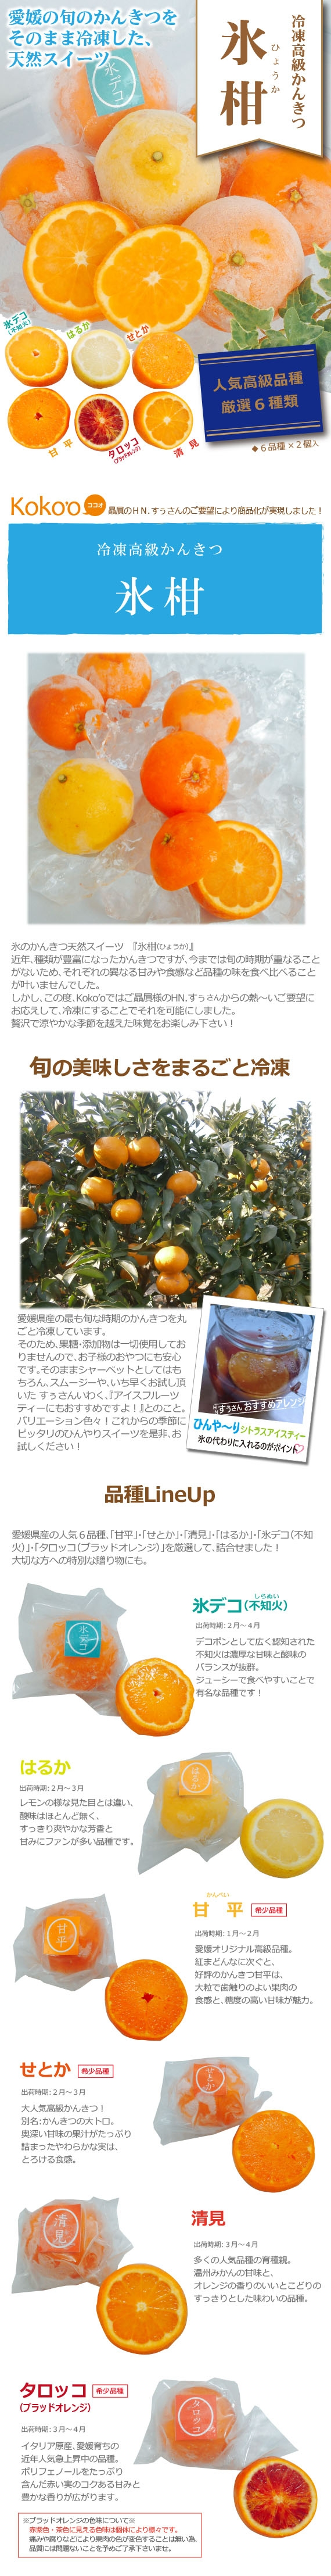 【送料無料】愛媛県産 人気高級品種〜冷凍みかん〜『氷柑(ひょうか)』  12玉詰合せ